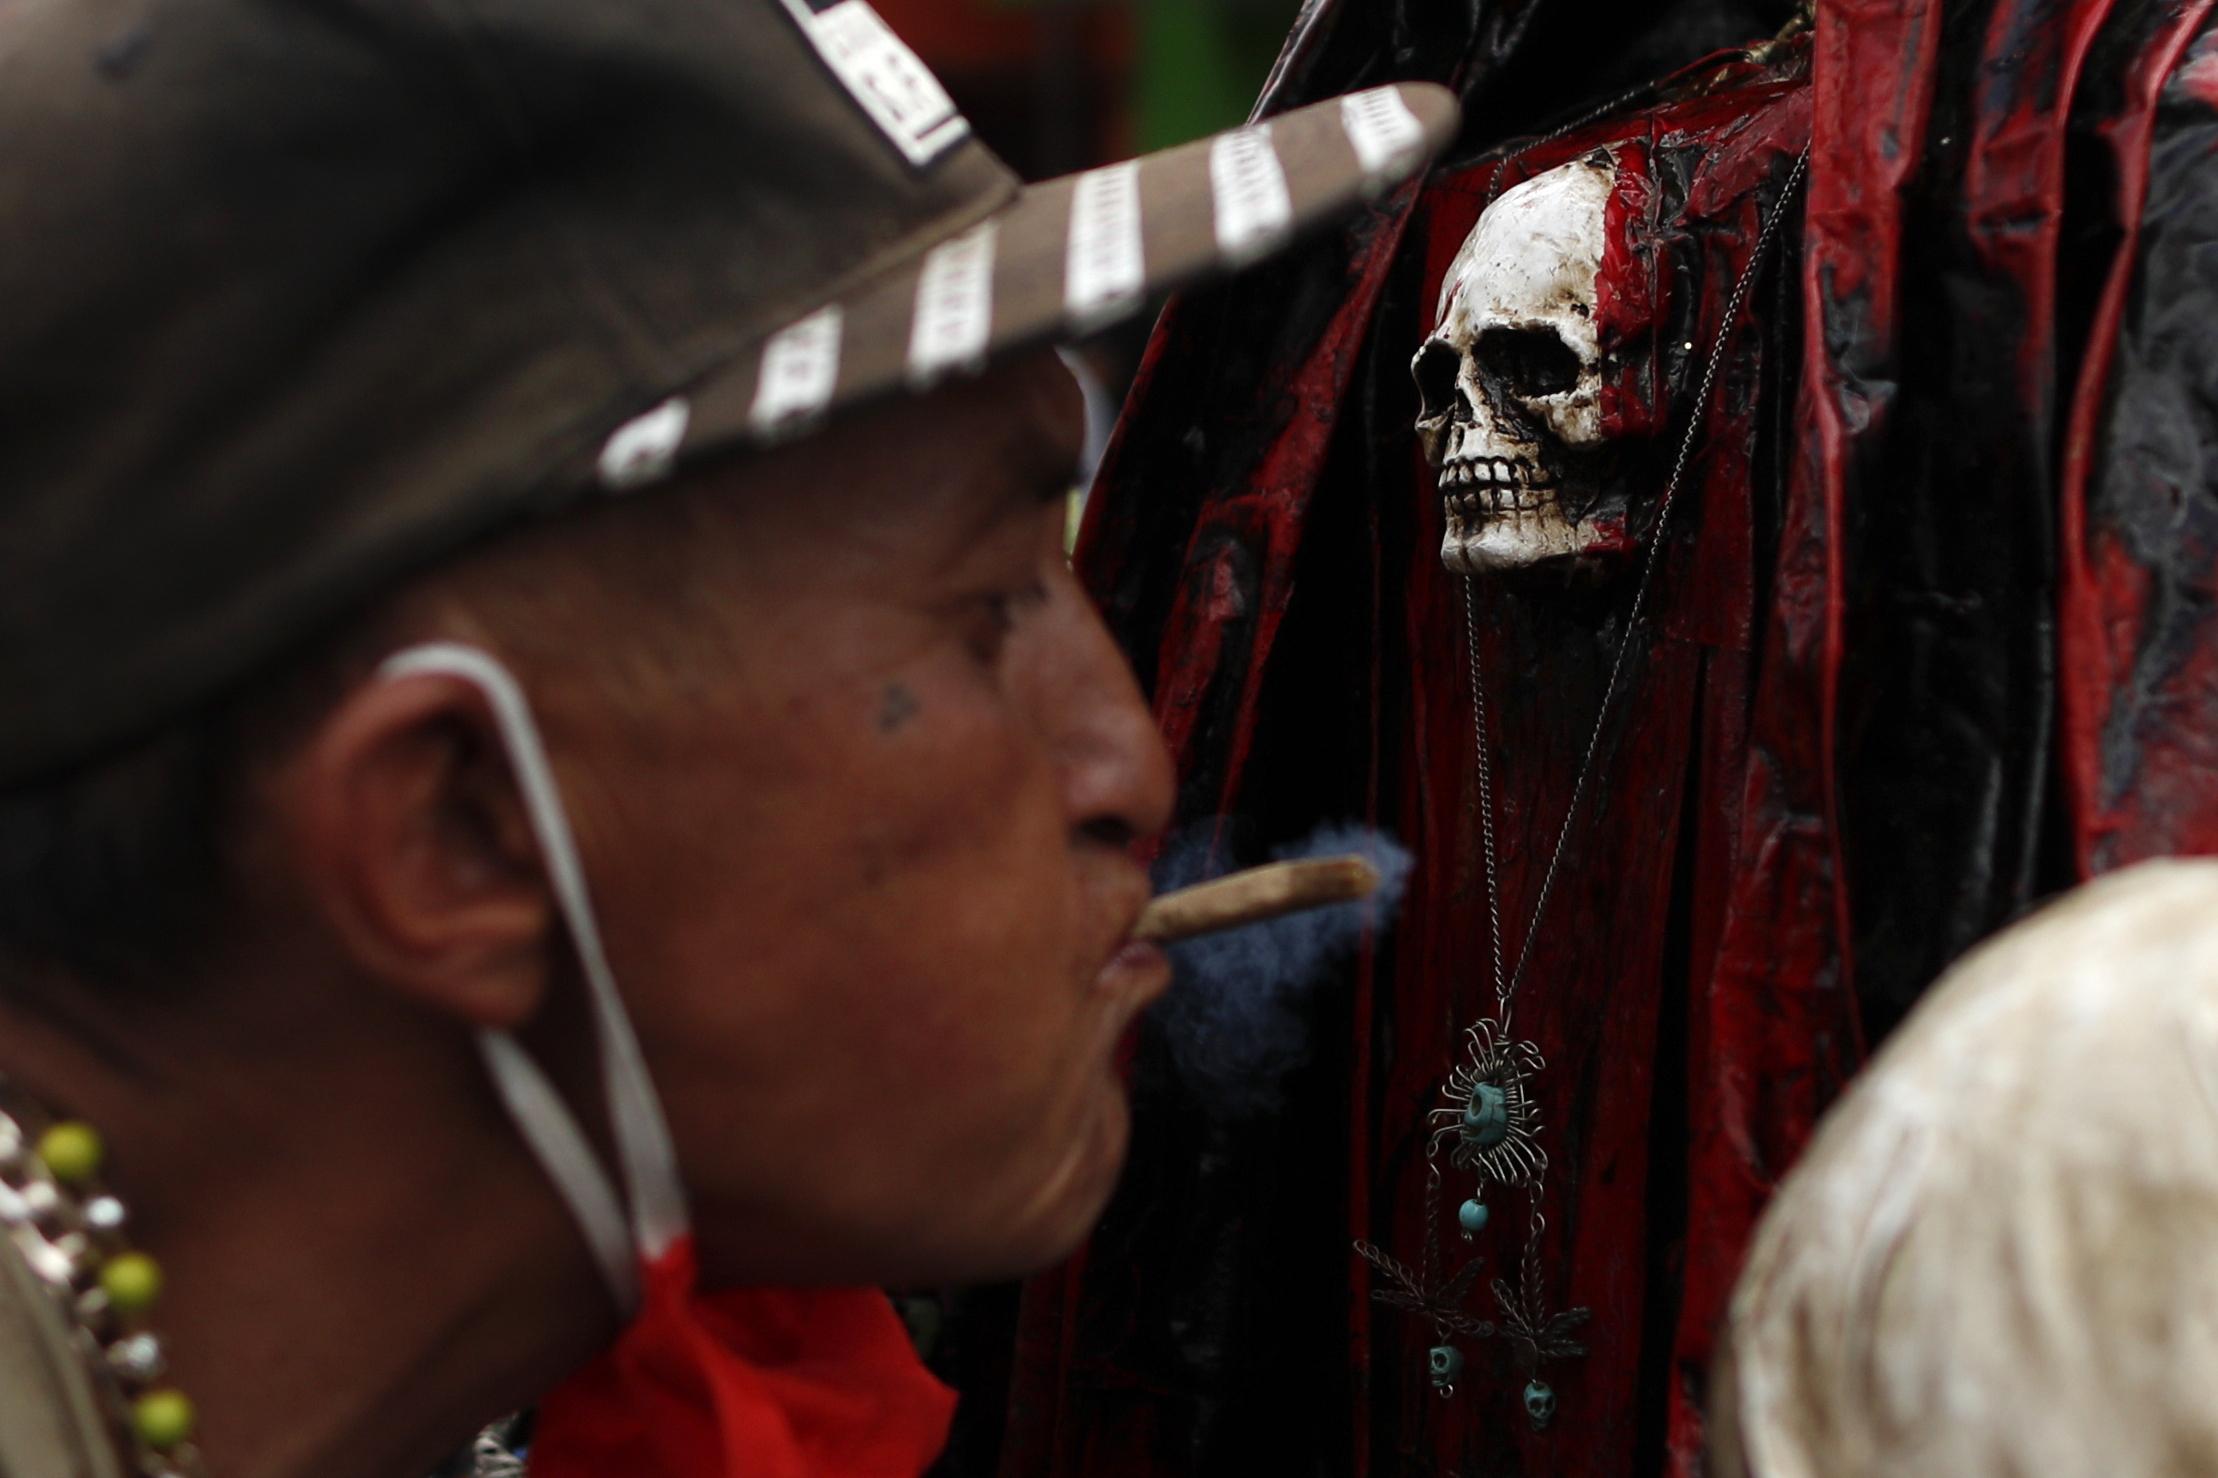 Un hombre sopla humo de marihuana, para limpiarse, sobre el cofre de una Santa Muerte. (Foto: AP / Rebecca Blackwell)